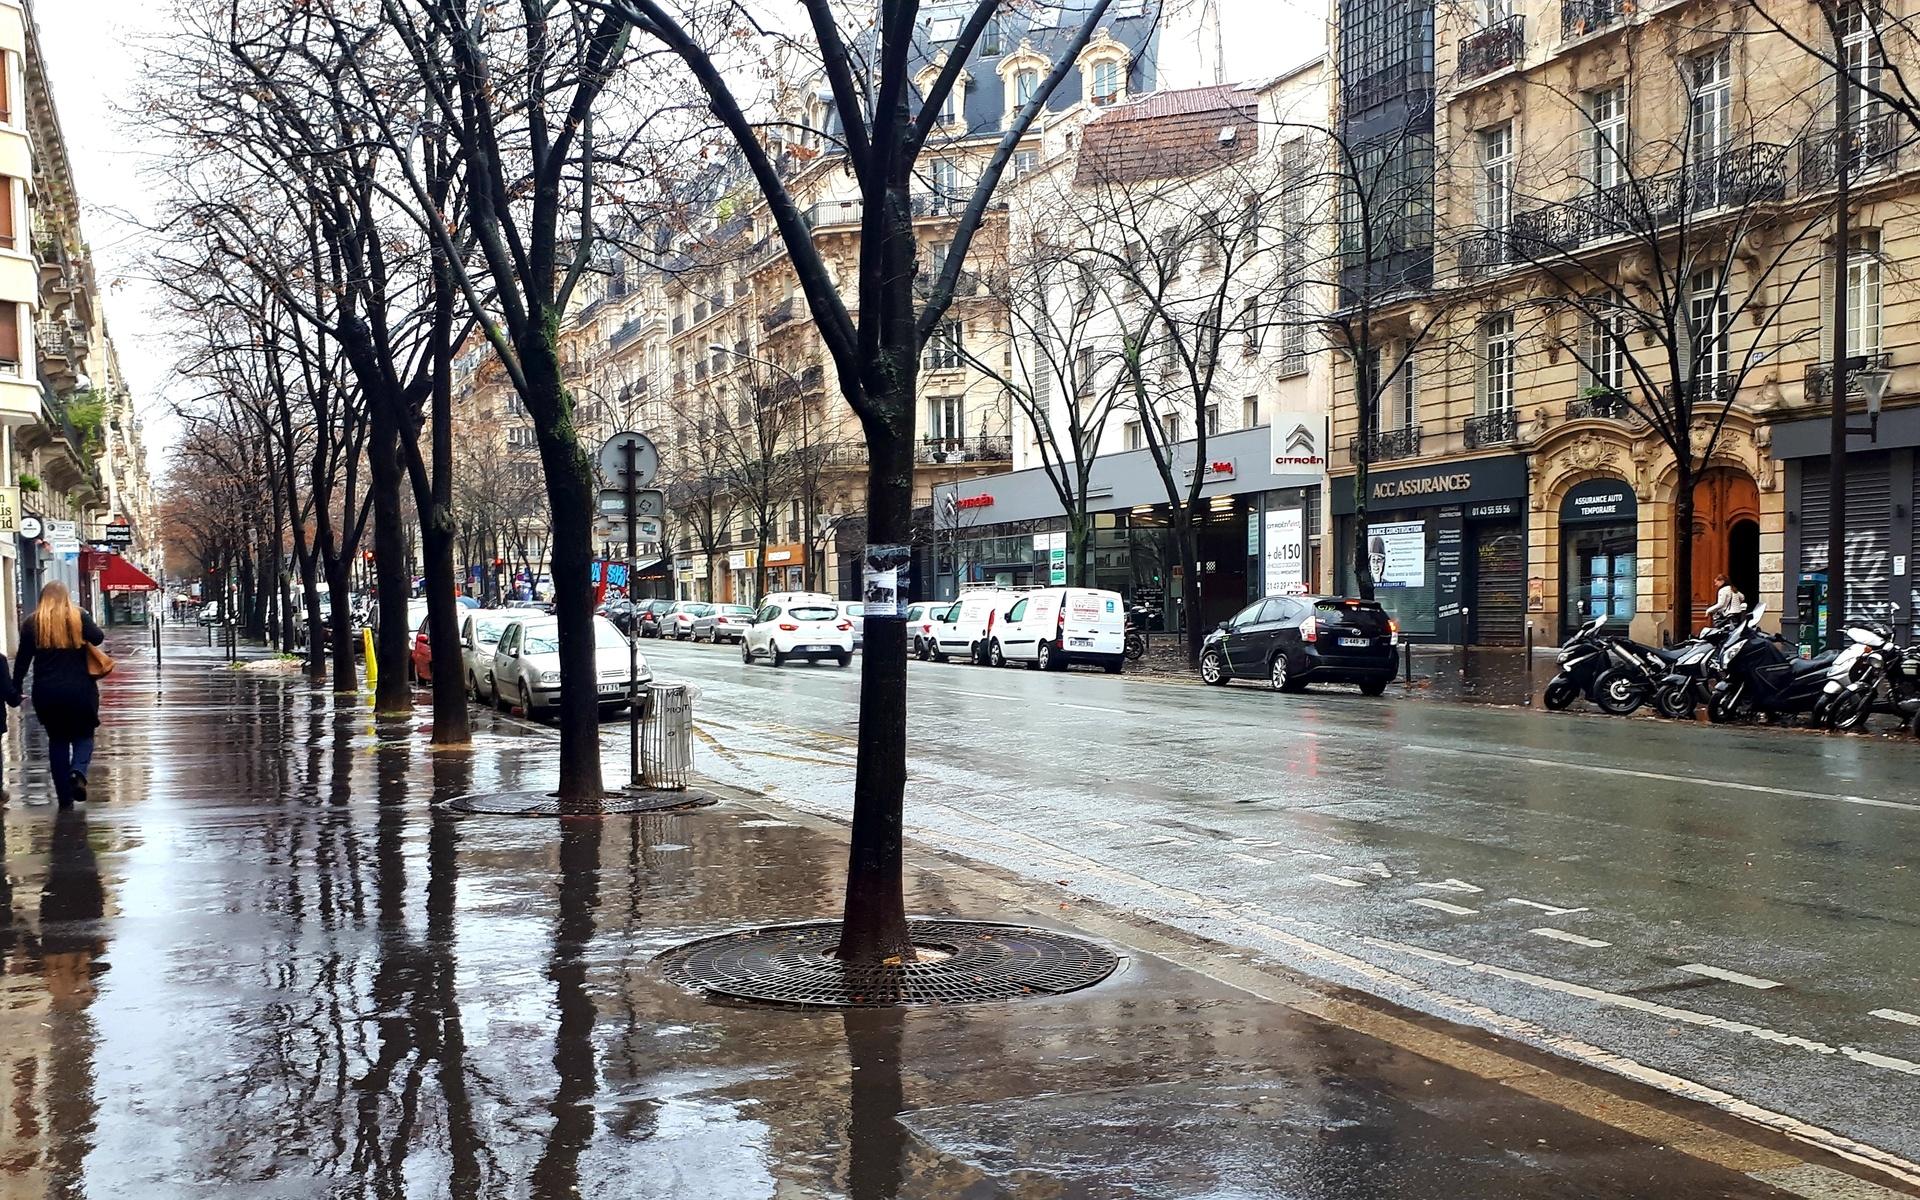 париж, франция, улица, дома